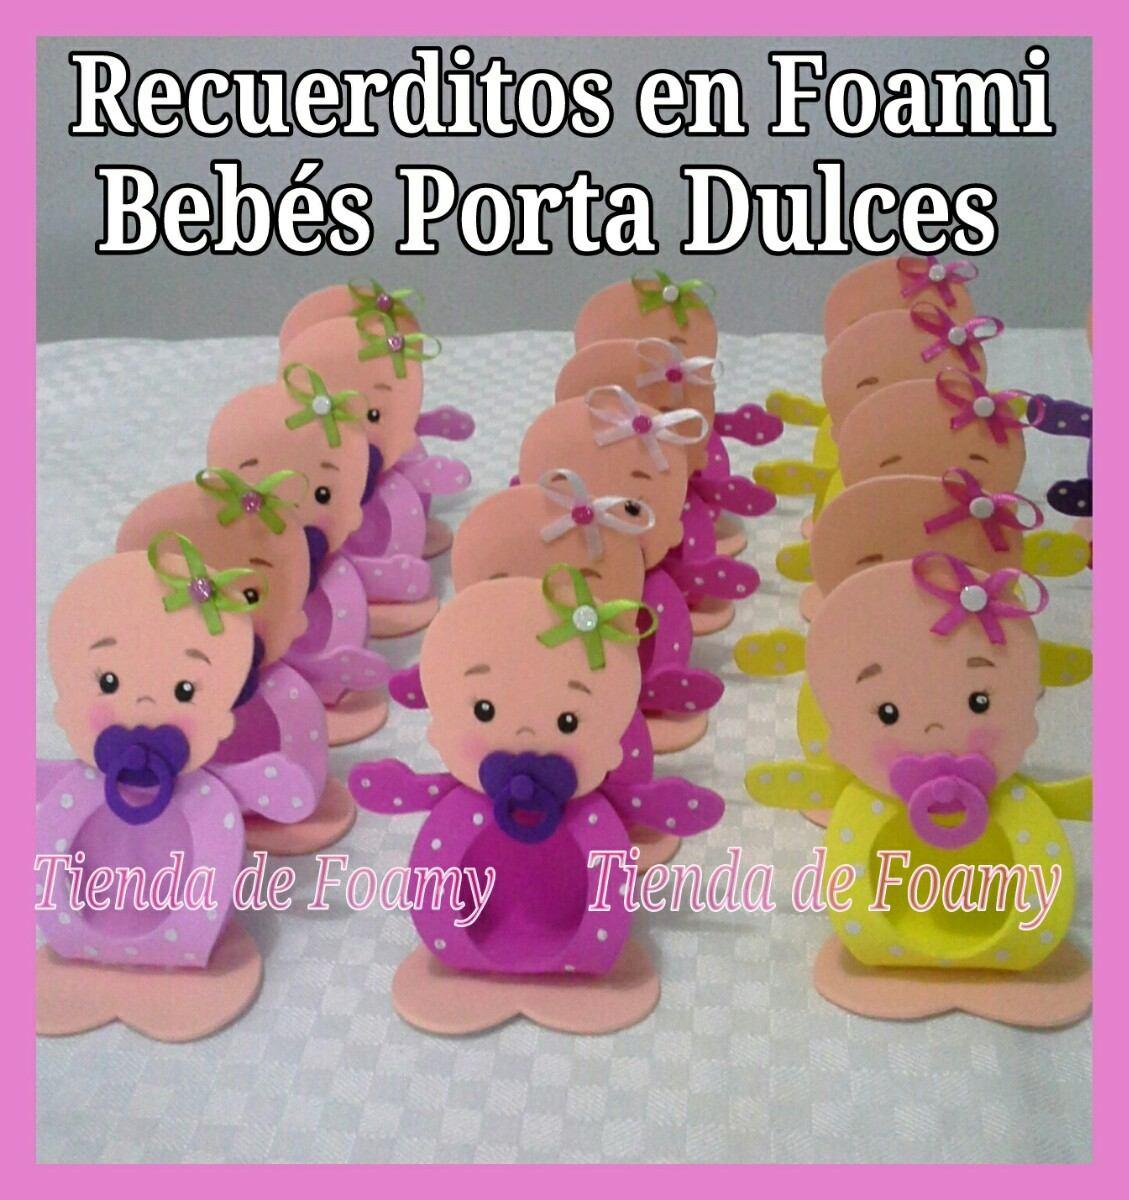 Recuerdo Baby Shower Nacimiento Foami Porta Dulces  Bs